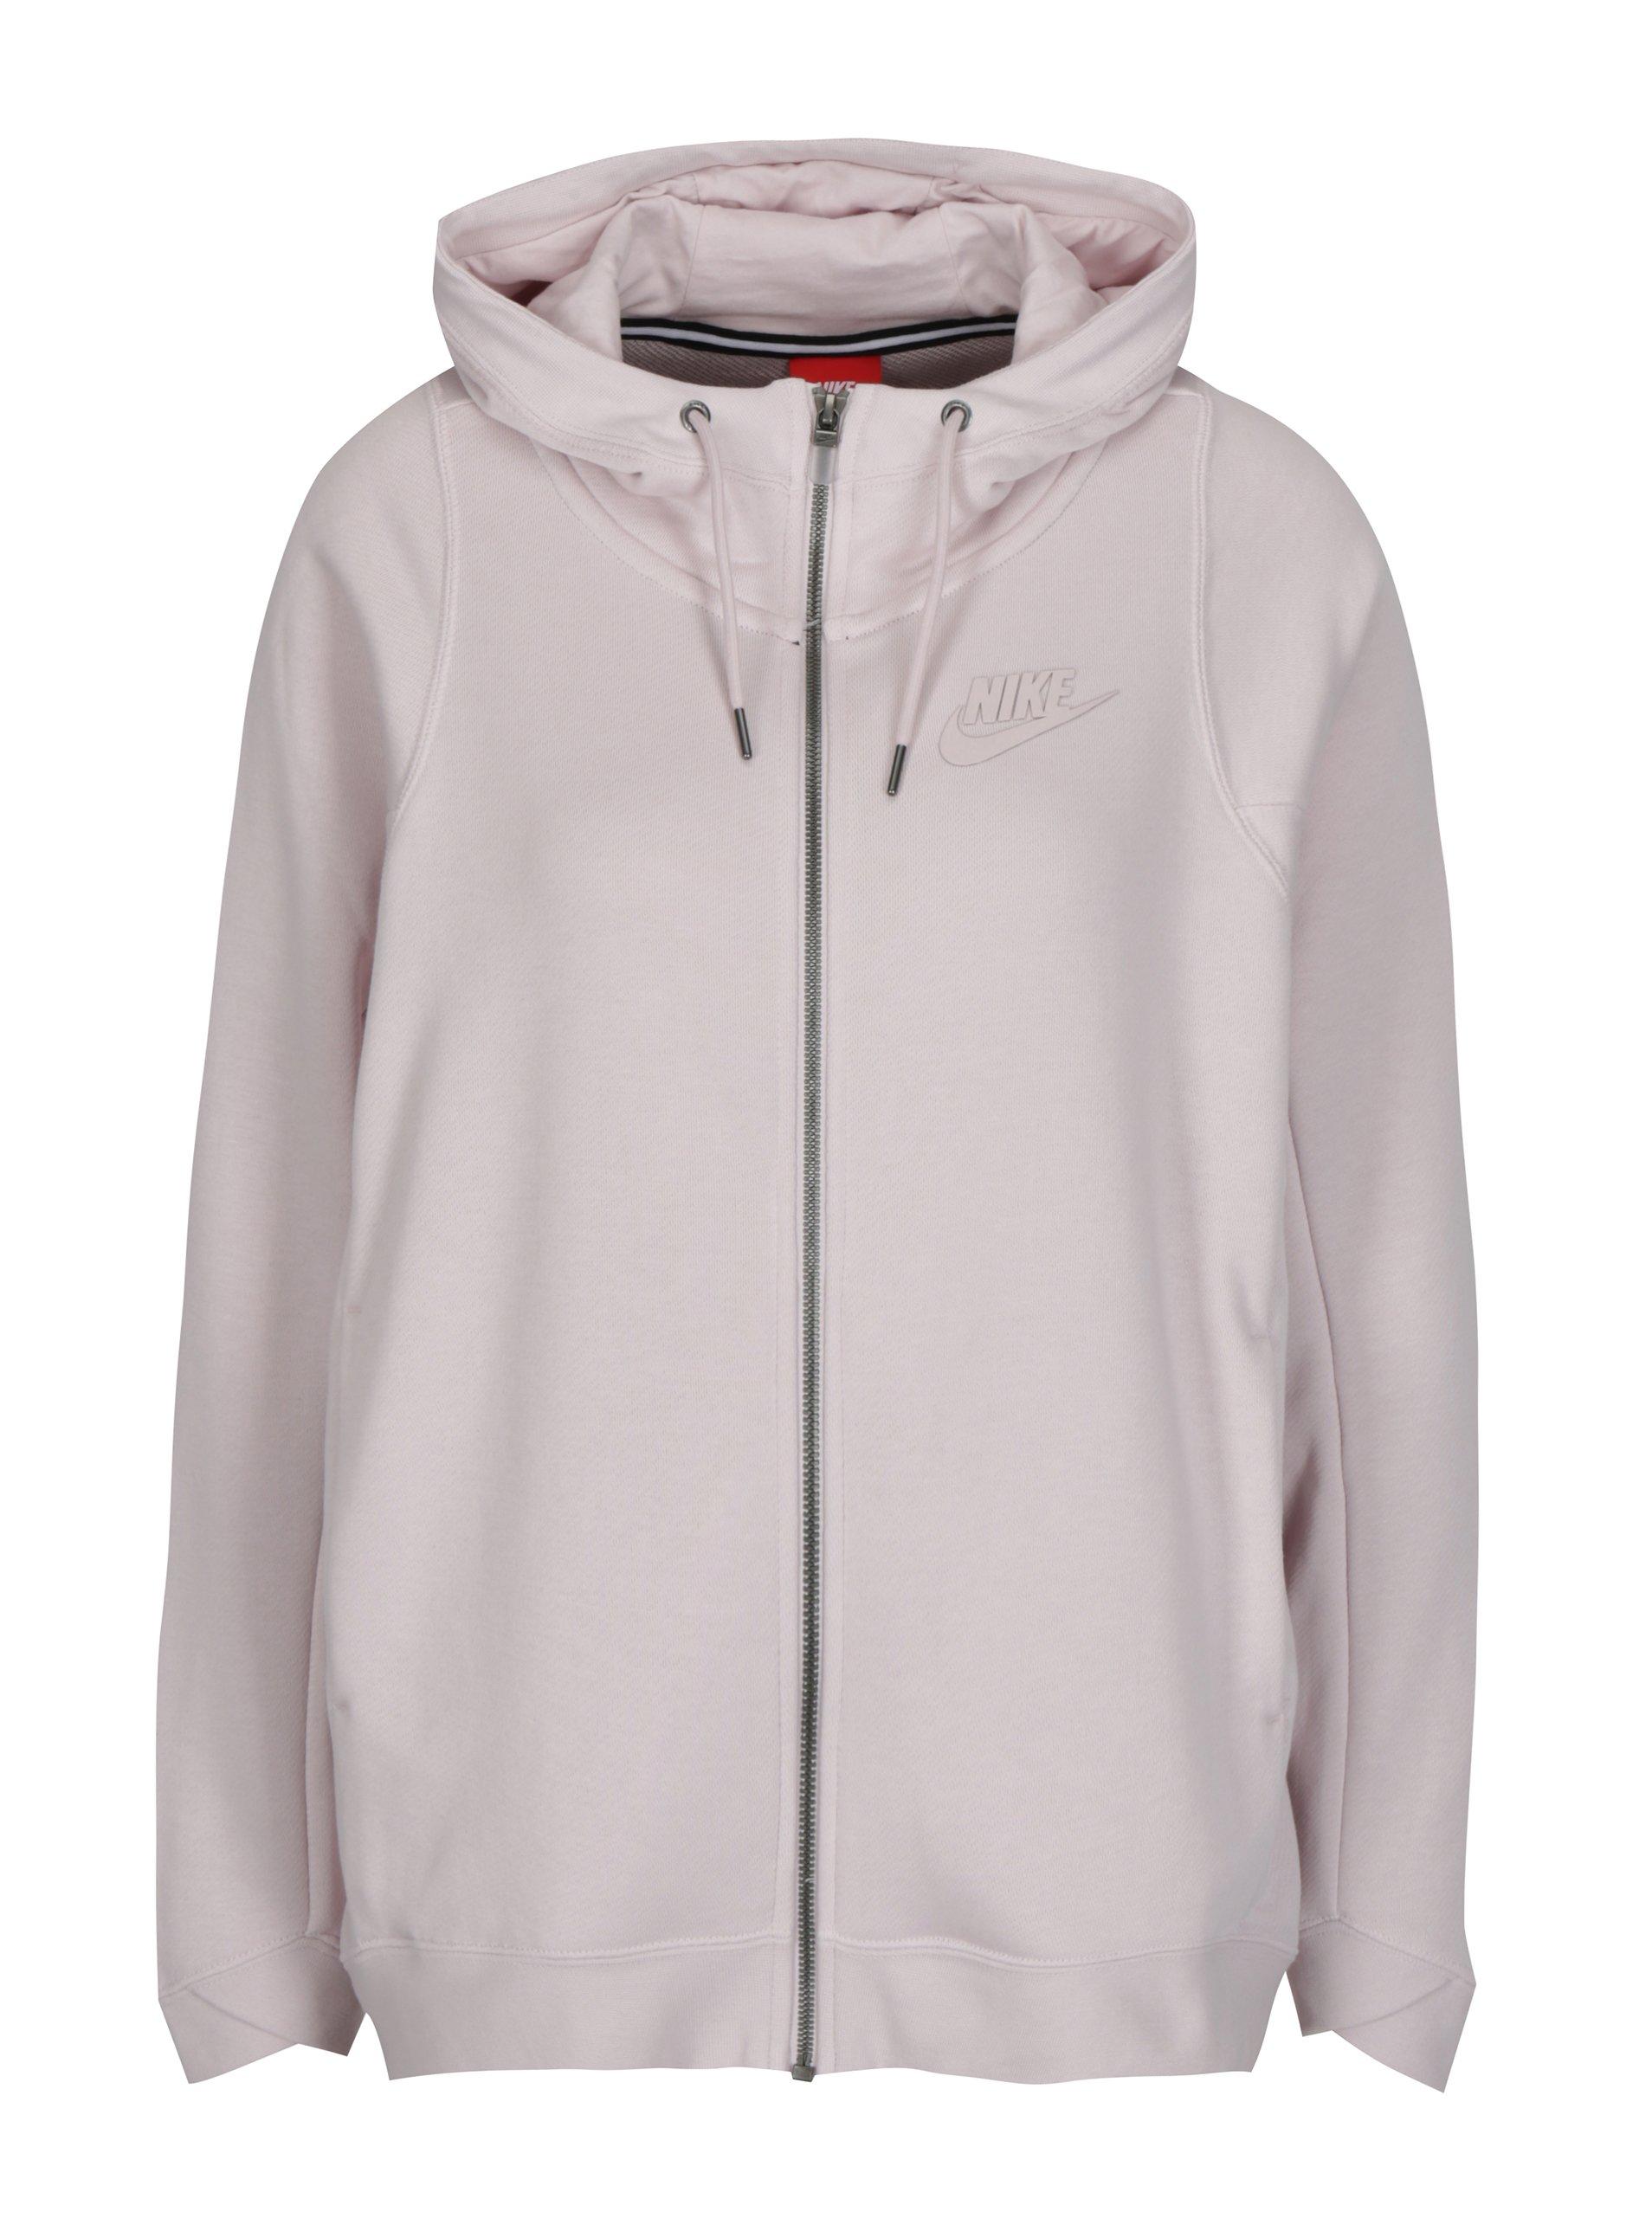 83fe1ec2e22 Světle růžová dámská oversize mikina na zip Nike